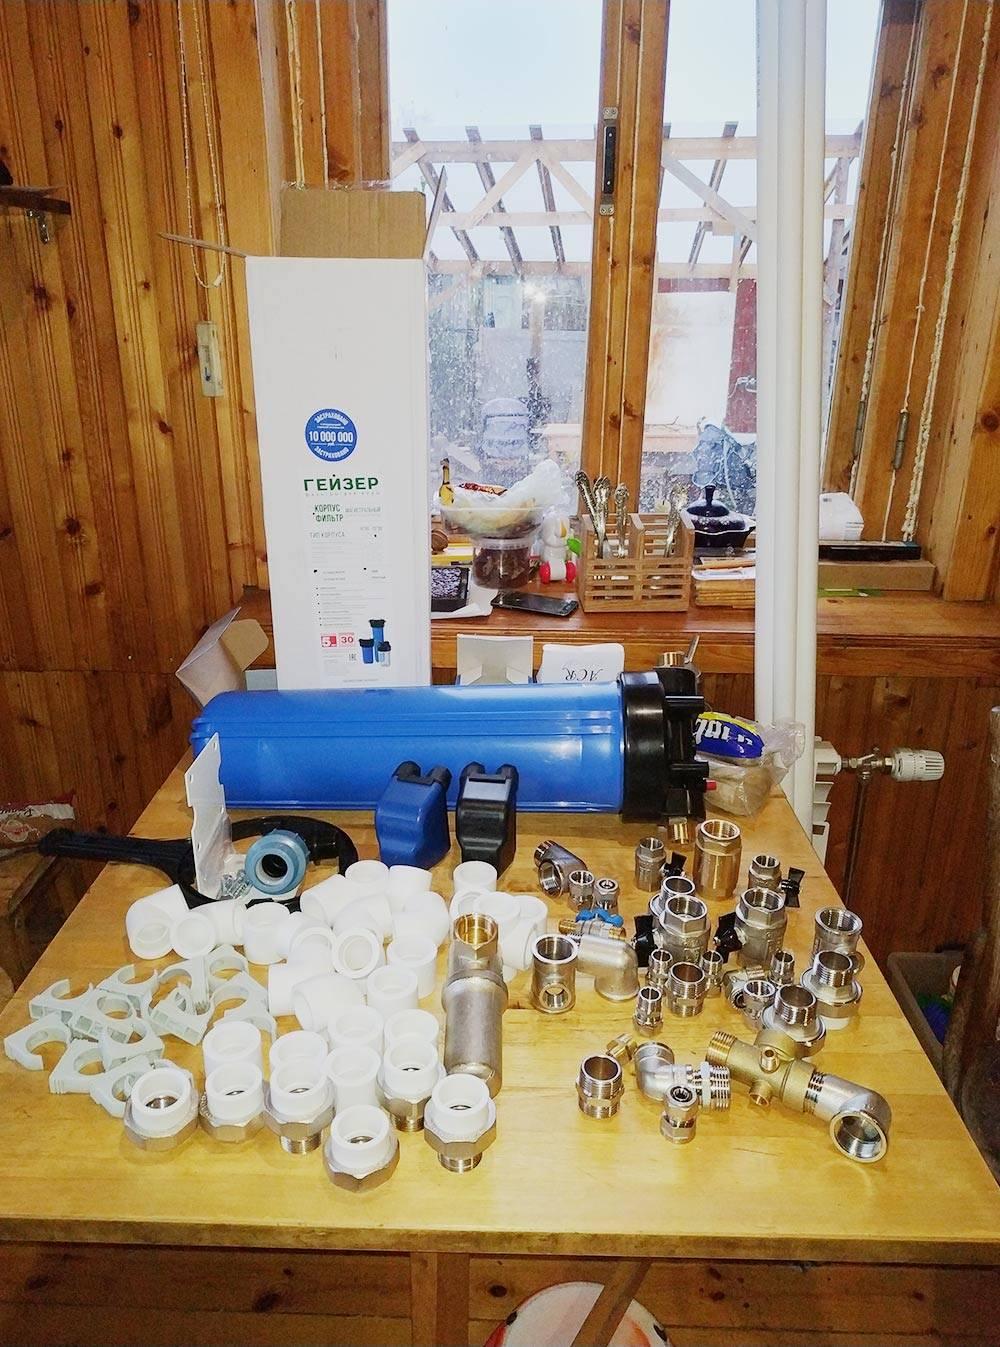 Муфты, фитинги и краны длямонтирования системы водоснабжения в нашем доме